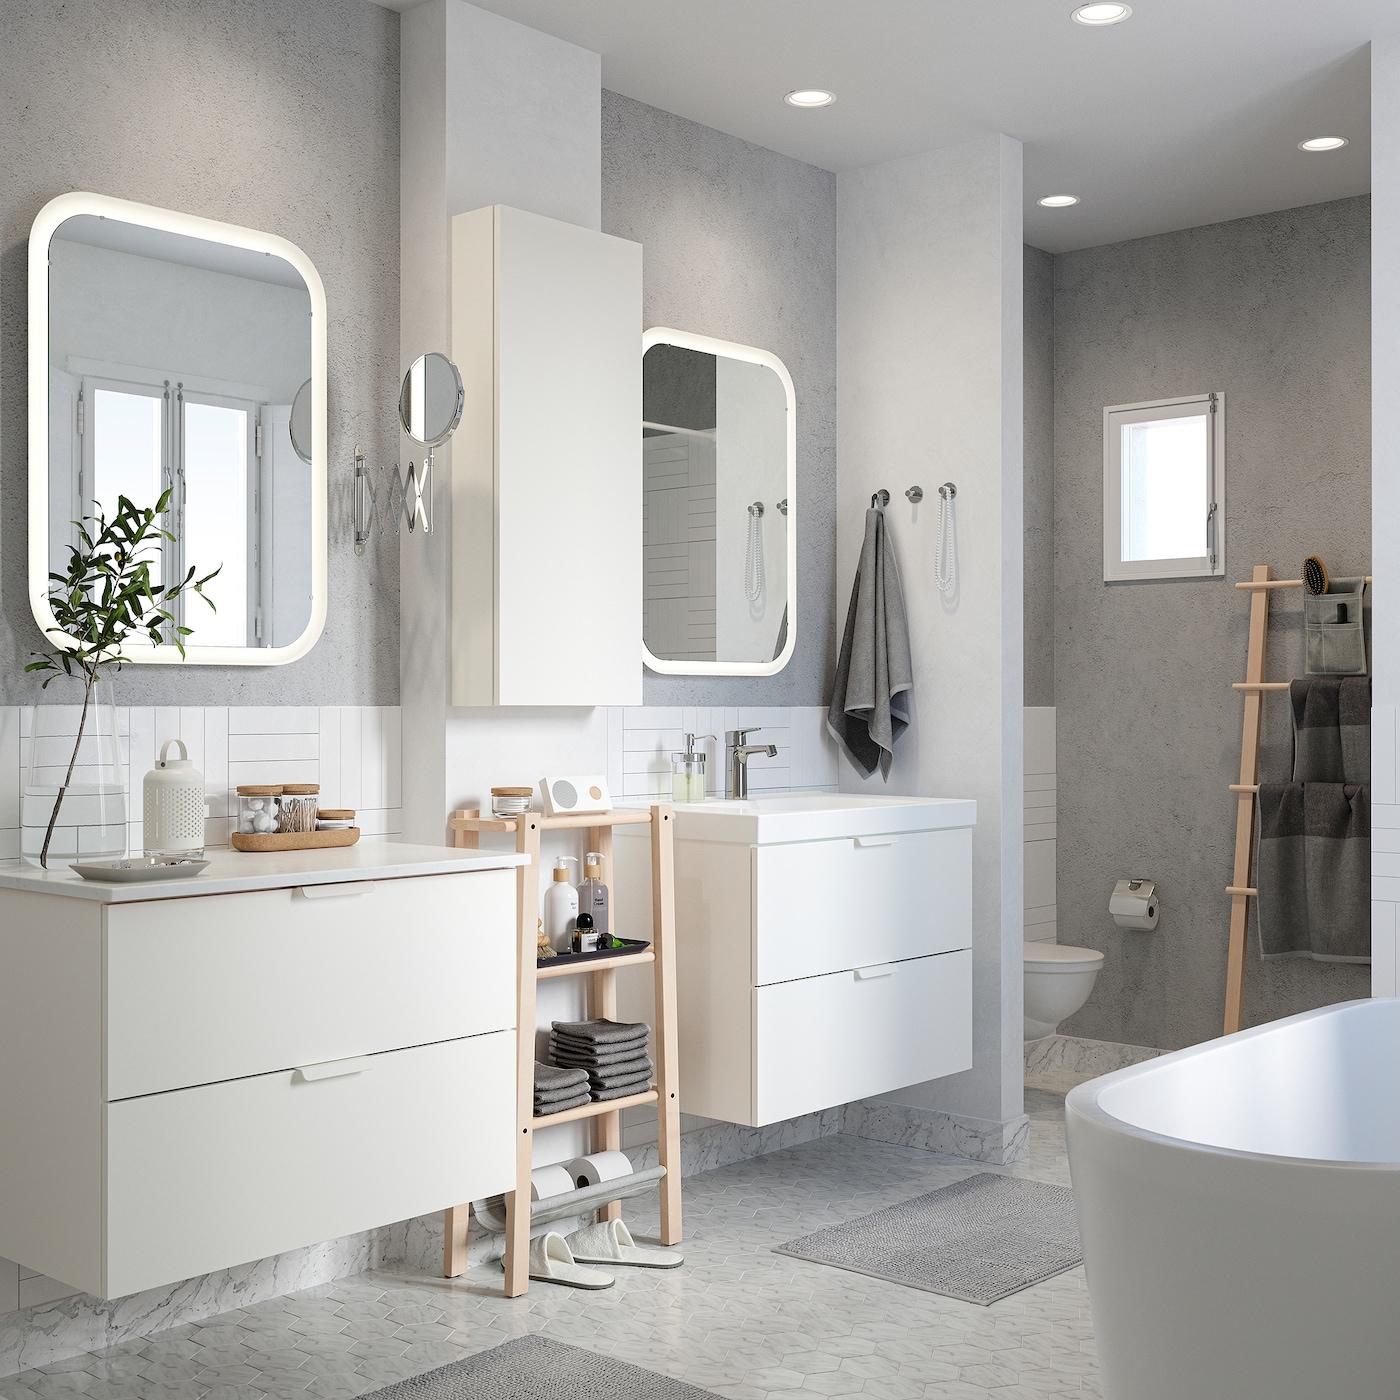 ห้องน้ำสีขาวสะอาด มีตู้ตั้งอ่างล้างหน้าสองตู้ กระจกเงาสองบานติดระบบไฟ พรมเช็ดเท้า และผ้าเช็ดตัวสีเทา